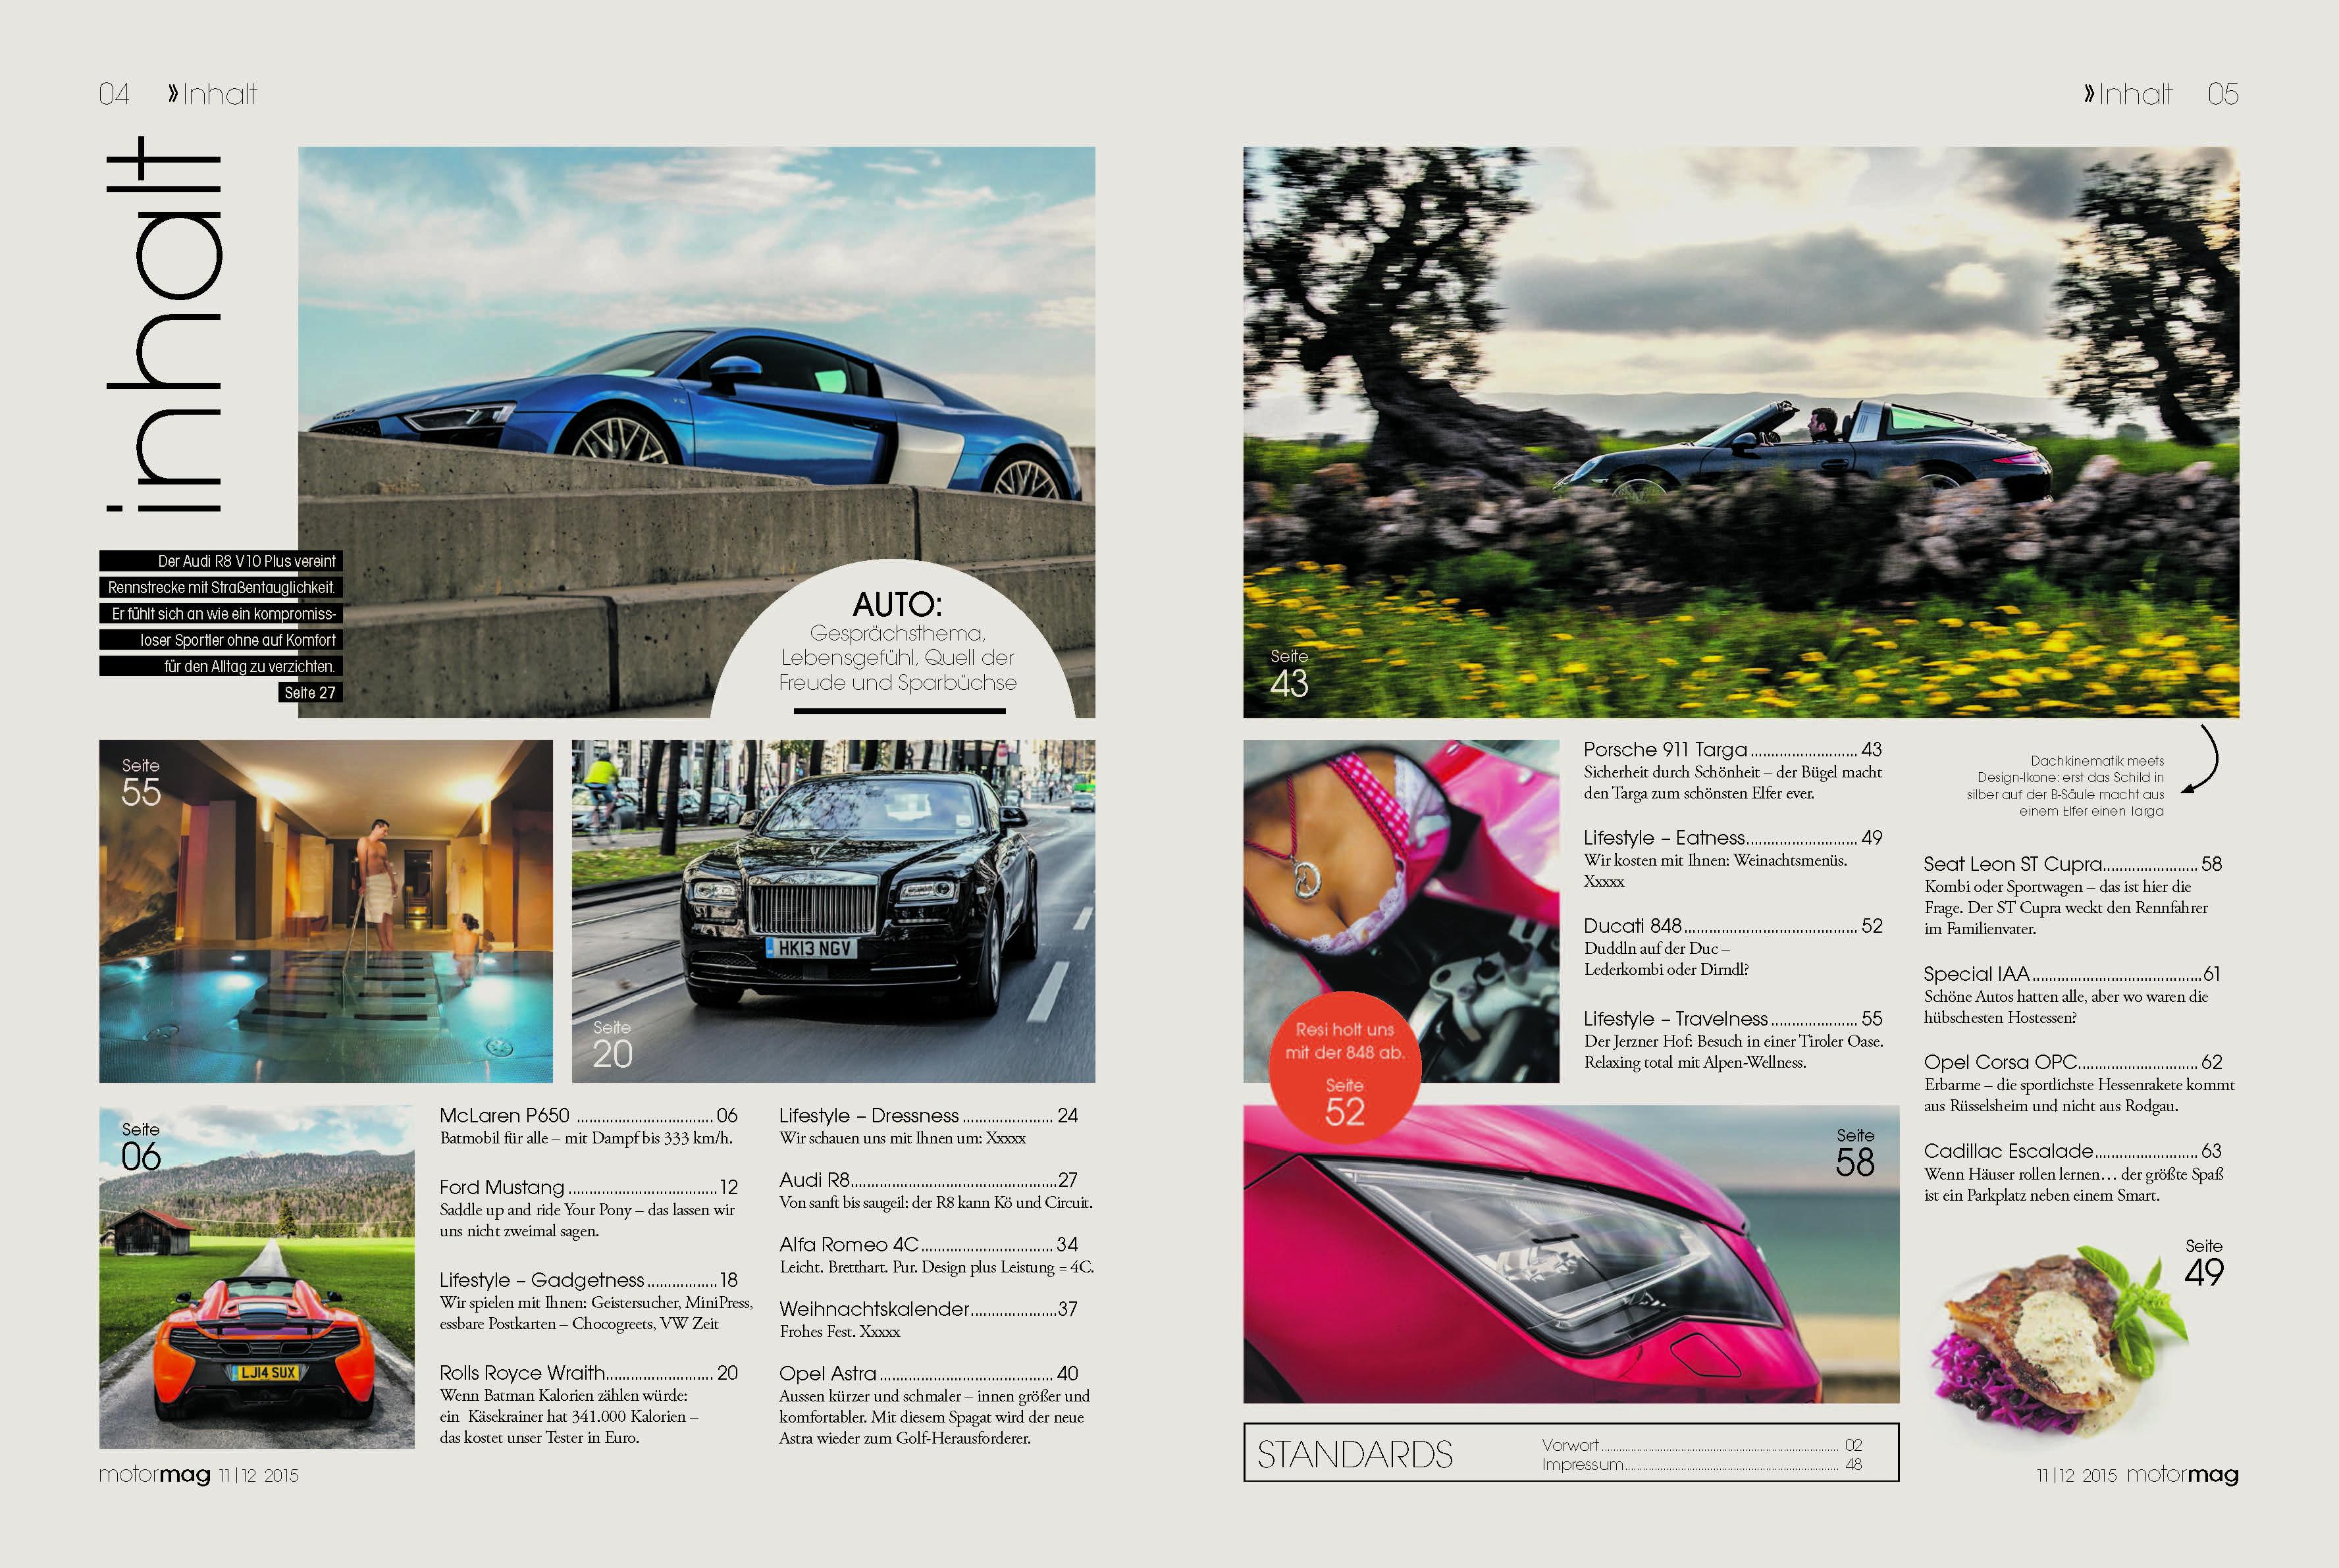 Inhalt der zweiten Ausgabe von MotorMag